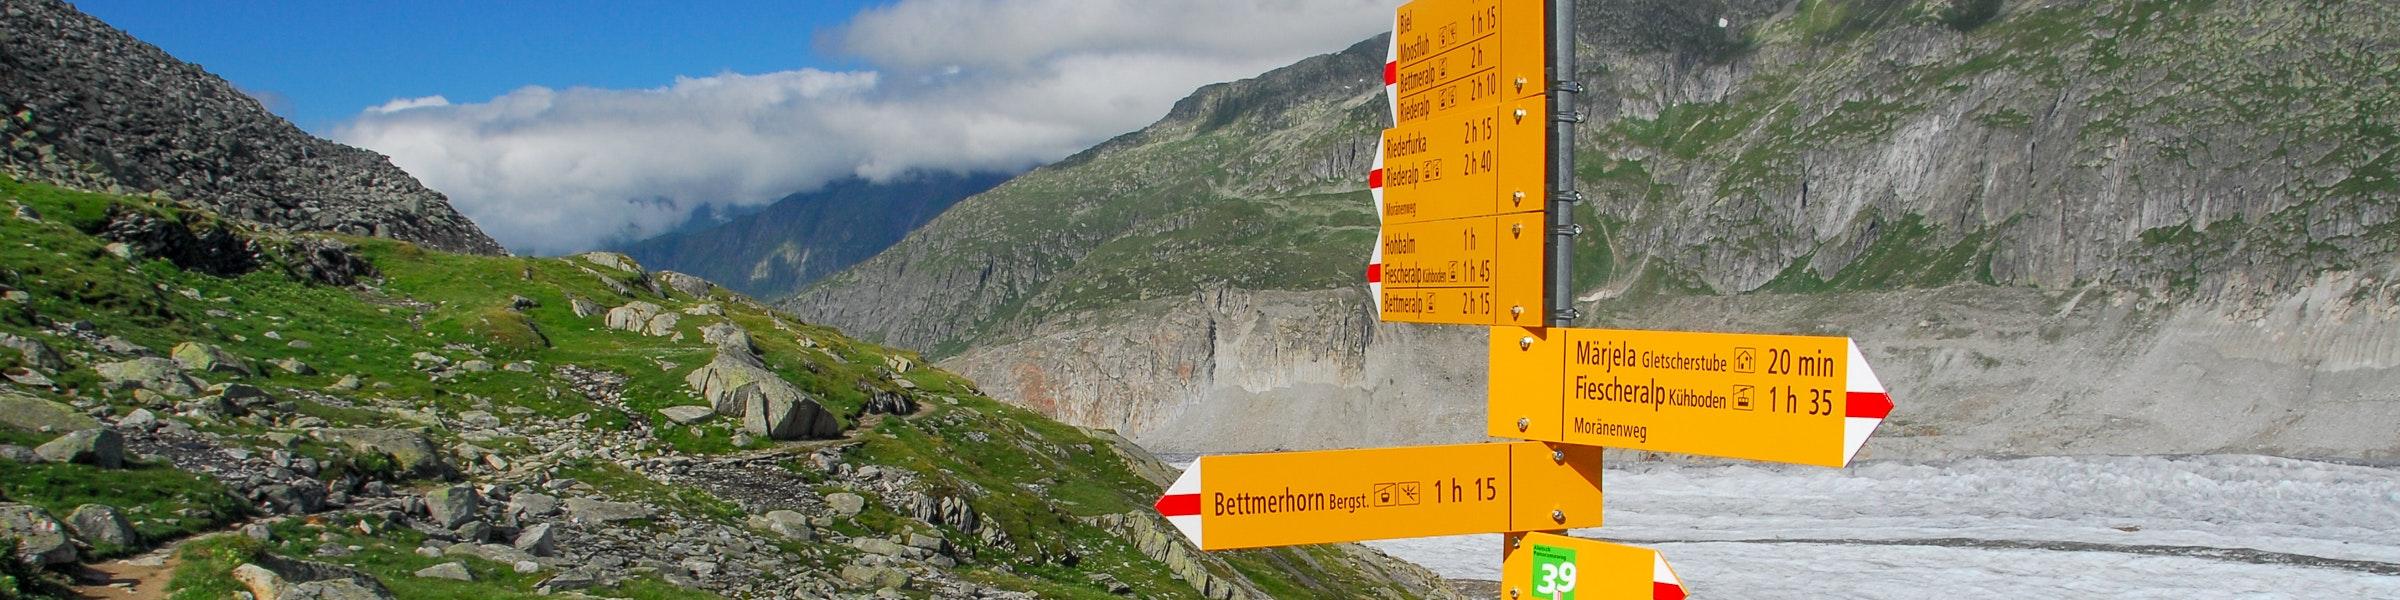 Signpost Aletsch glacier